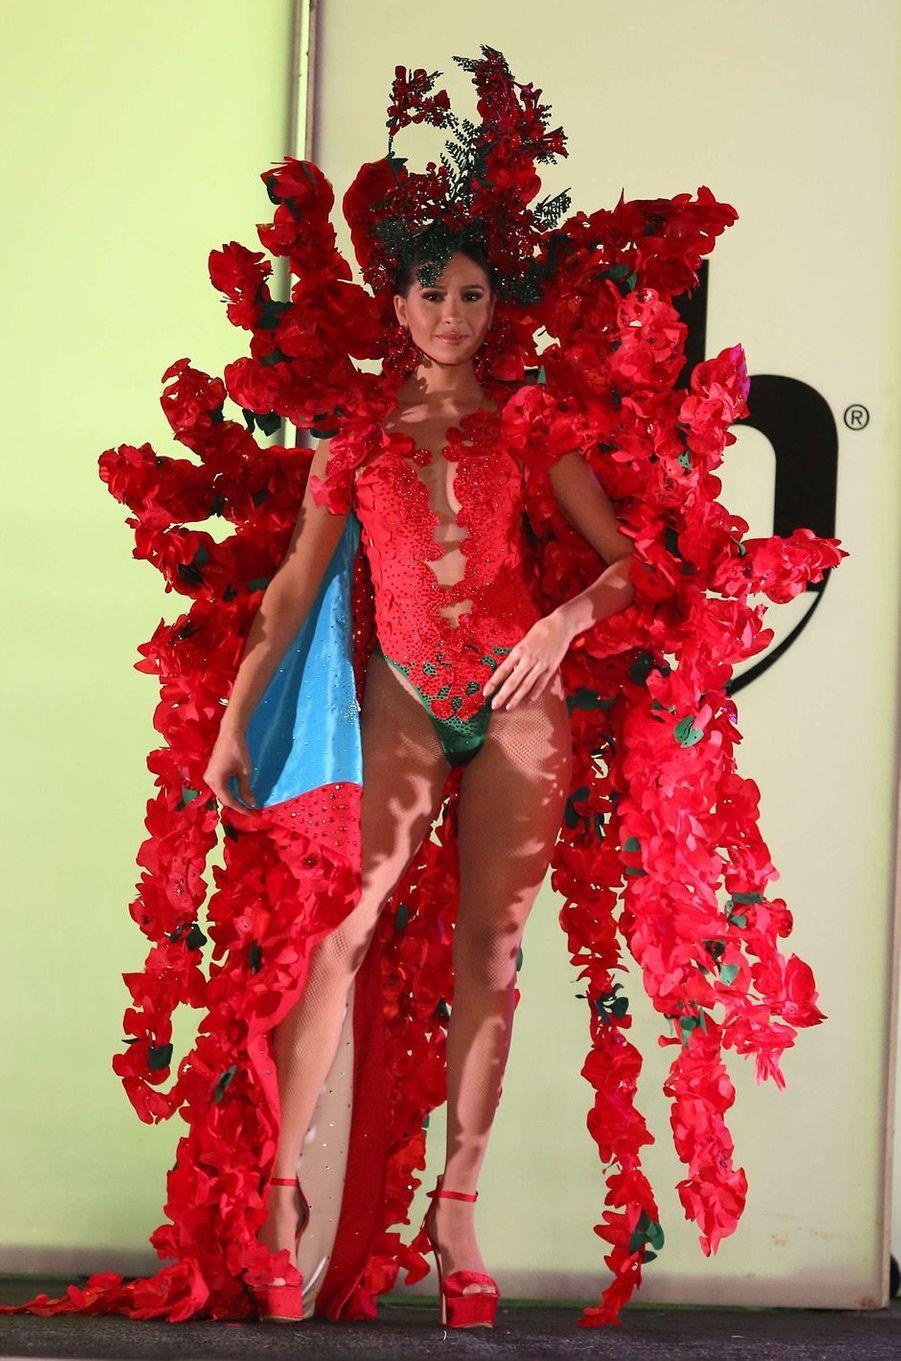 Diana Hernandez, Miss Porto Rico,en costume national pour le concours Miss Univers, le 18 novembre 2017 à Las Vegas.